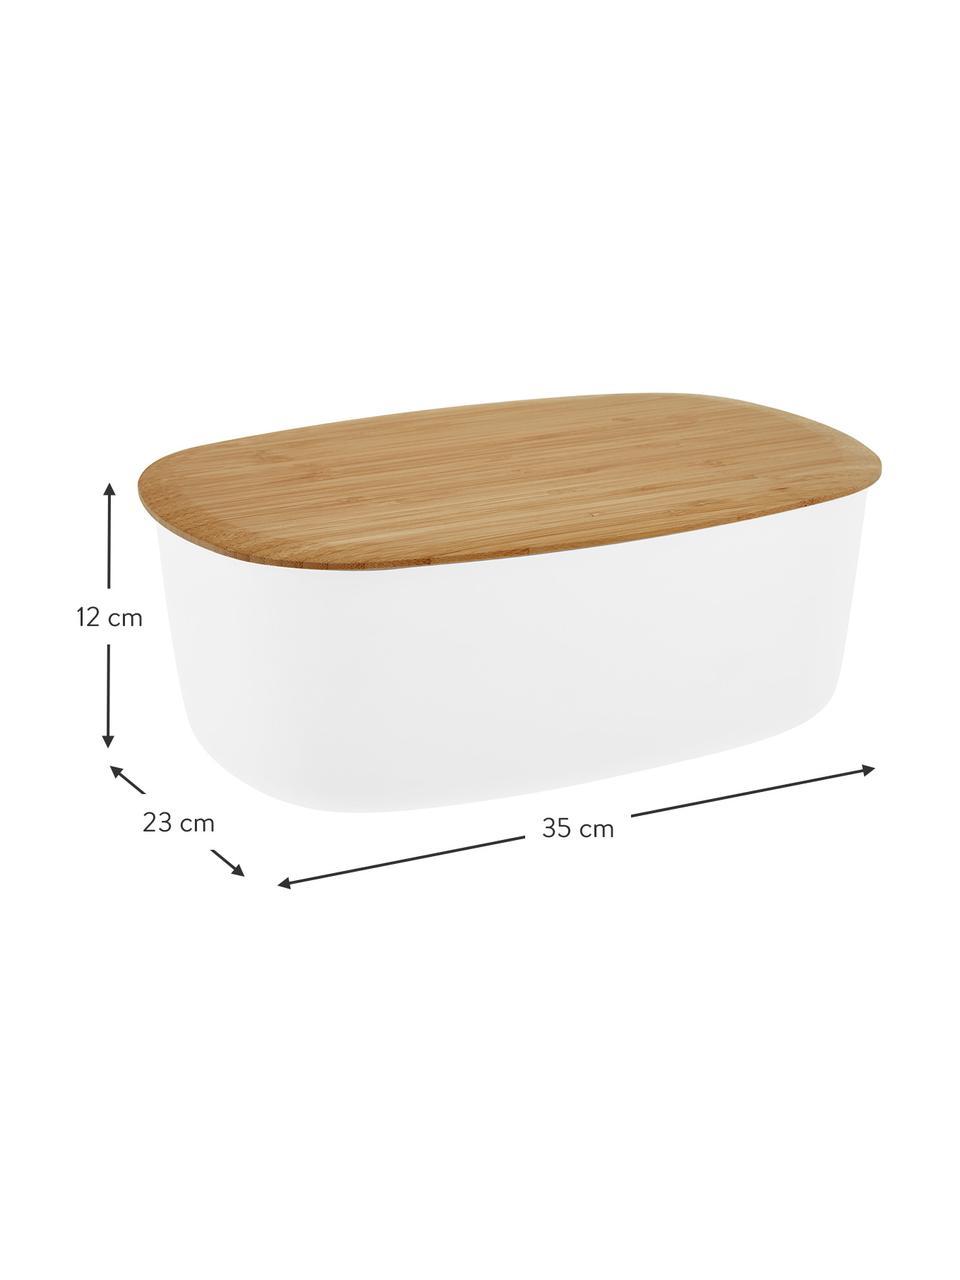 Portapane bianco di design con tagliere come coperchio Box-It, Coperchio: bambù, Contenitore: bianco Coperchio: marrone, Larg. 35 x Alt. 12 cm